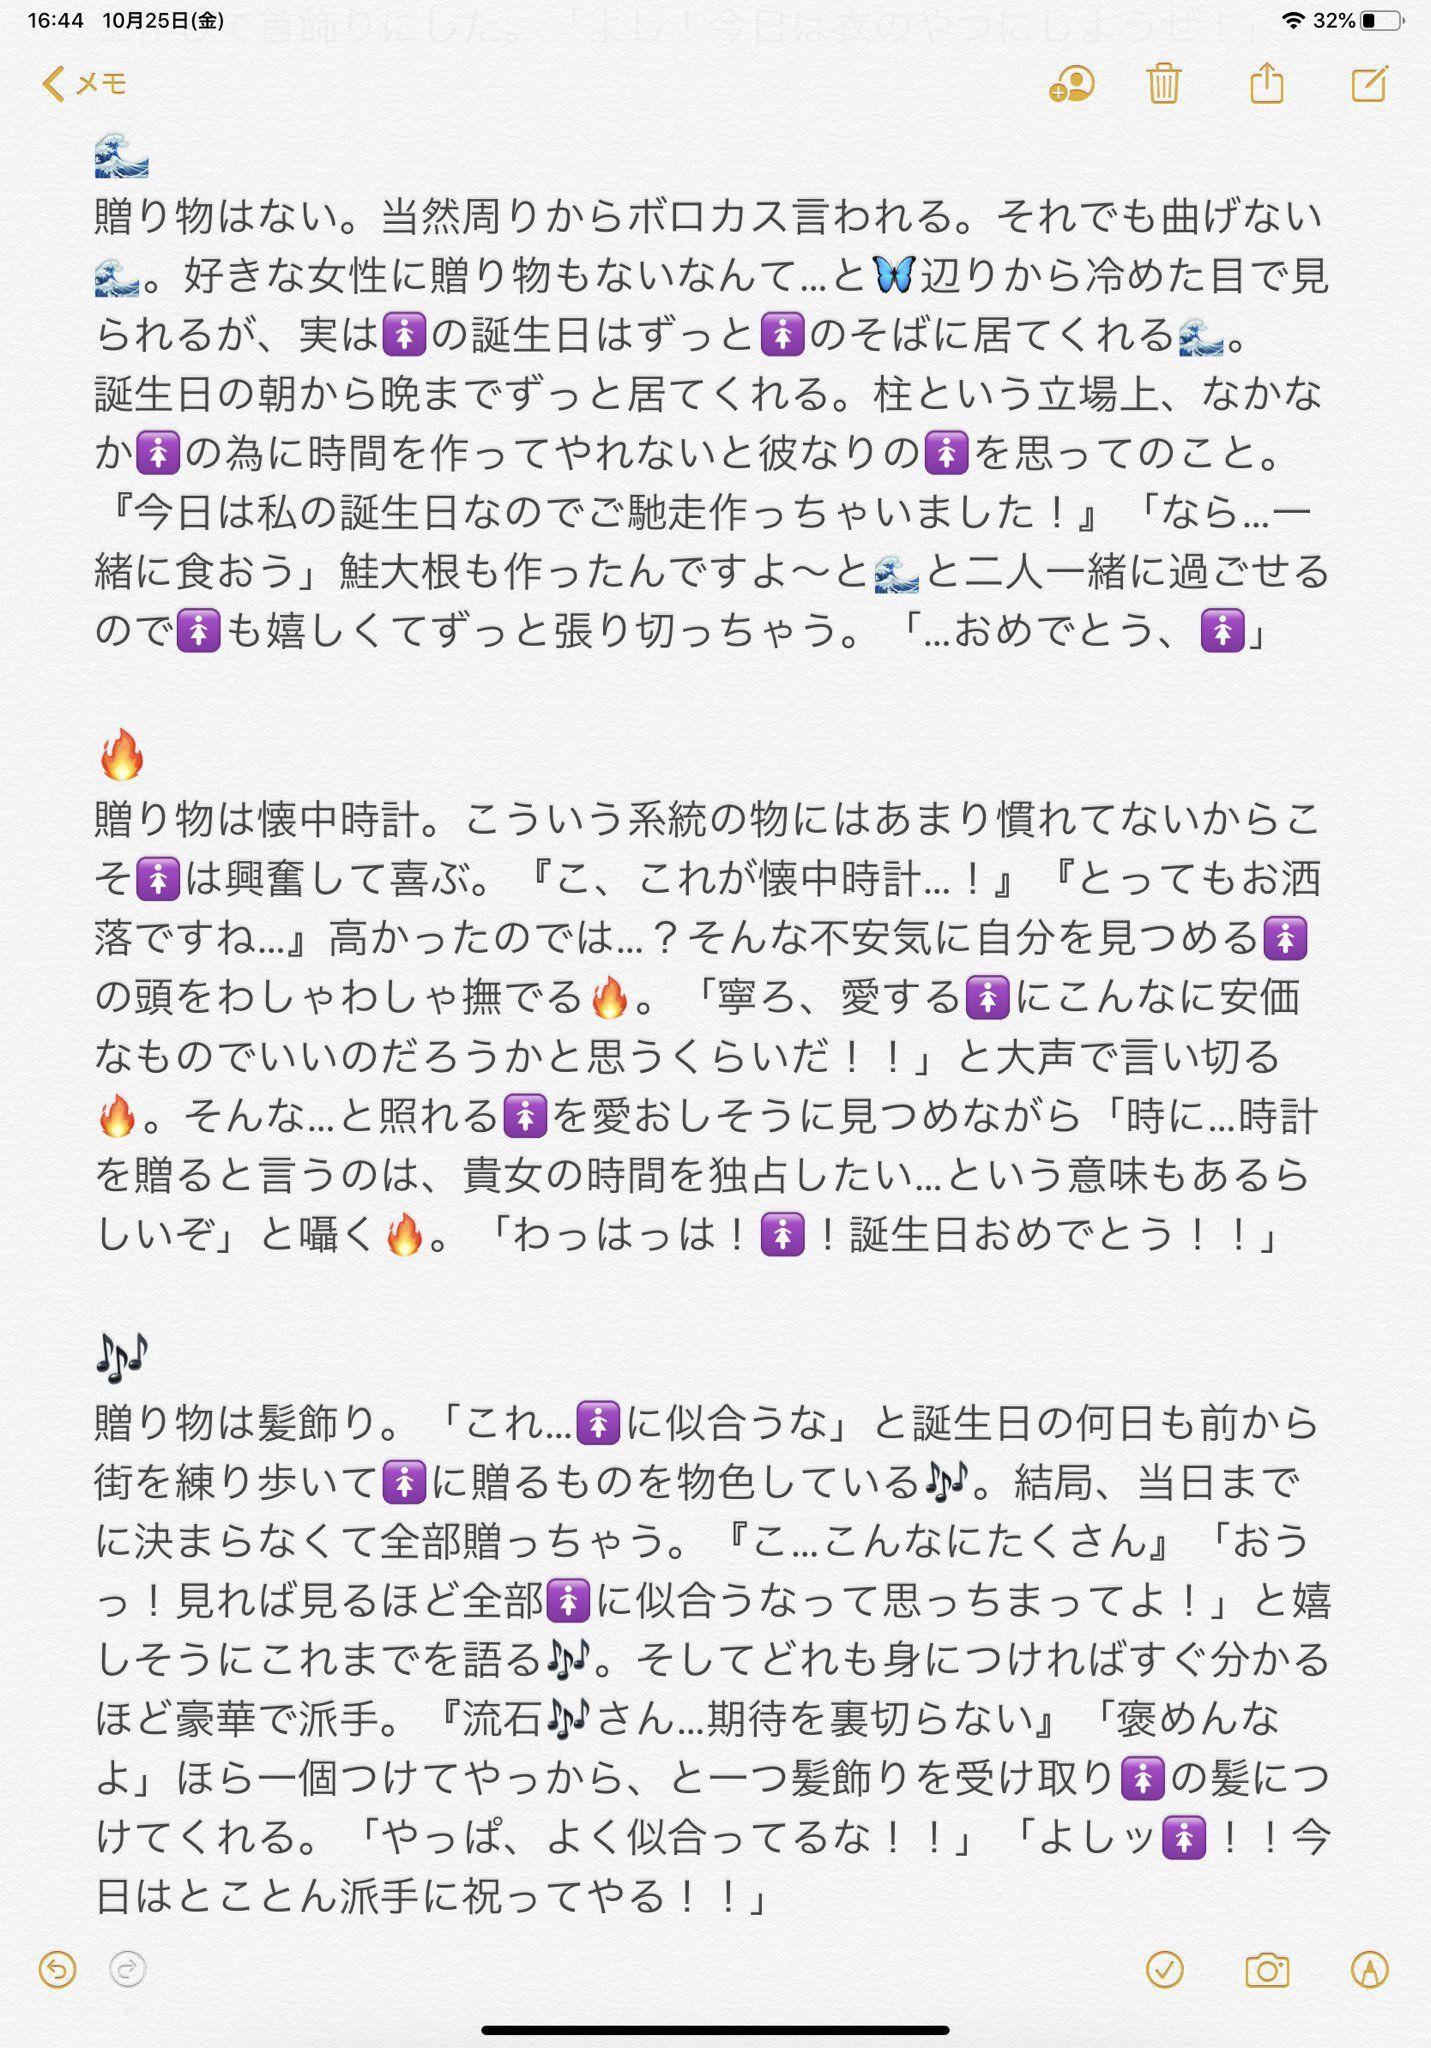 夢 小説 義勇 冨岡